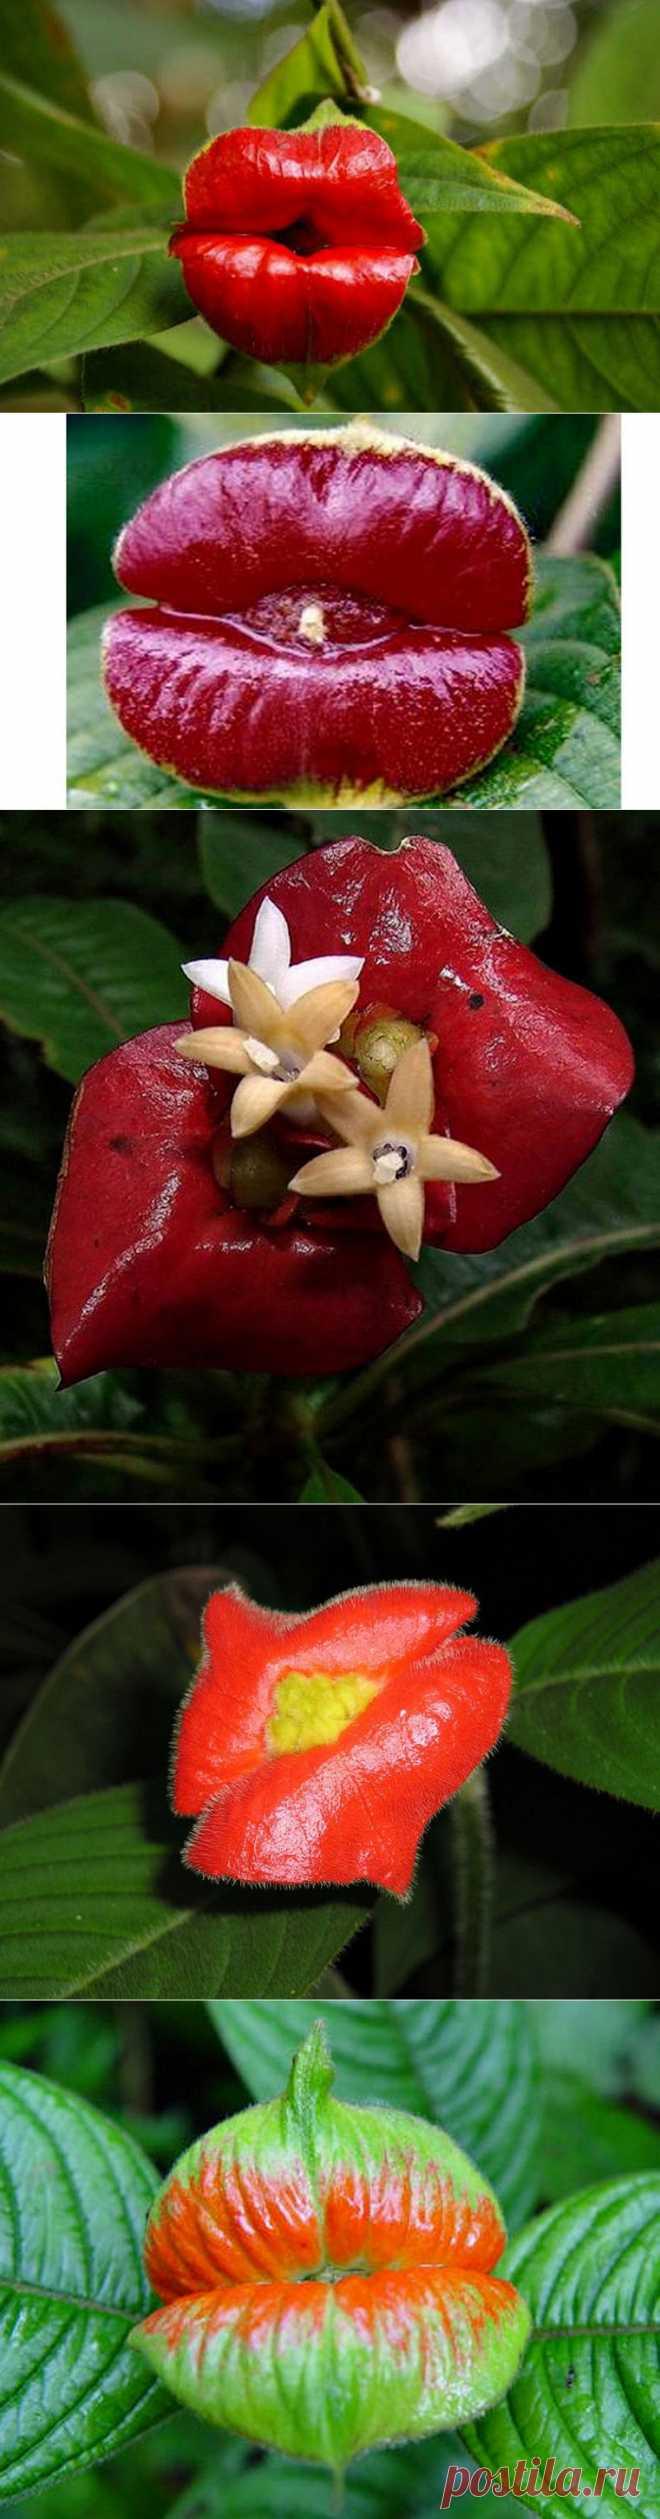 """Шутка природы – удивительный цветок """"Шлюхины губки"""" : НОВОСТИ В ФОТОГРАФИЯХ  Название этого необычного цветка в форме алых женских губ — psychotria elata  или же Психотрия  возвышенная. Но у него есть и более """"приземленное"""" название – """"Шлюхины губки"""". Он считается самым пикантным из-за своих лепестков ярко-красного цвета, напоминающих по форме женские пухлые губы.  Этот соблазнительный цветок растет в лесах Центральной и Южной Америки."""